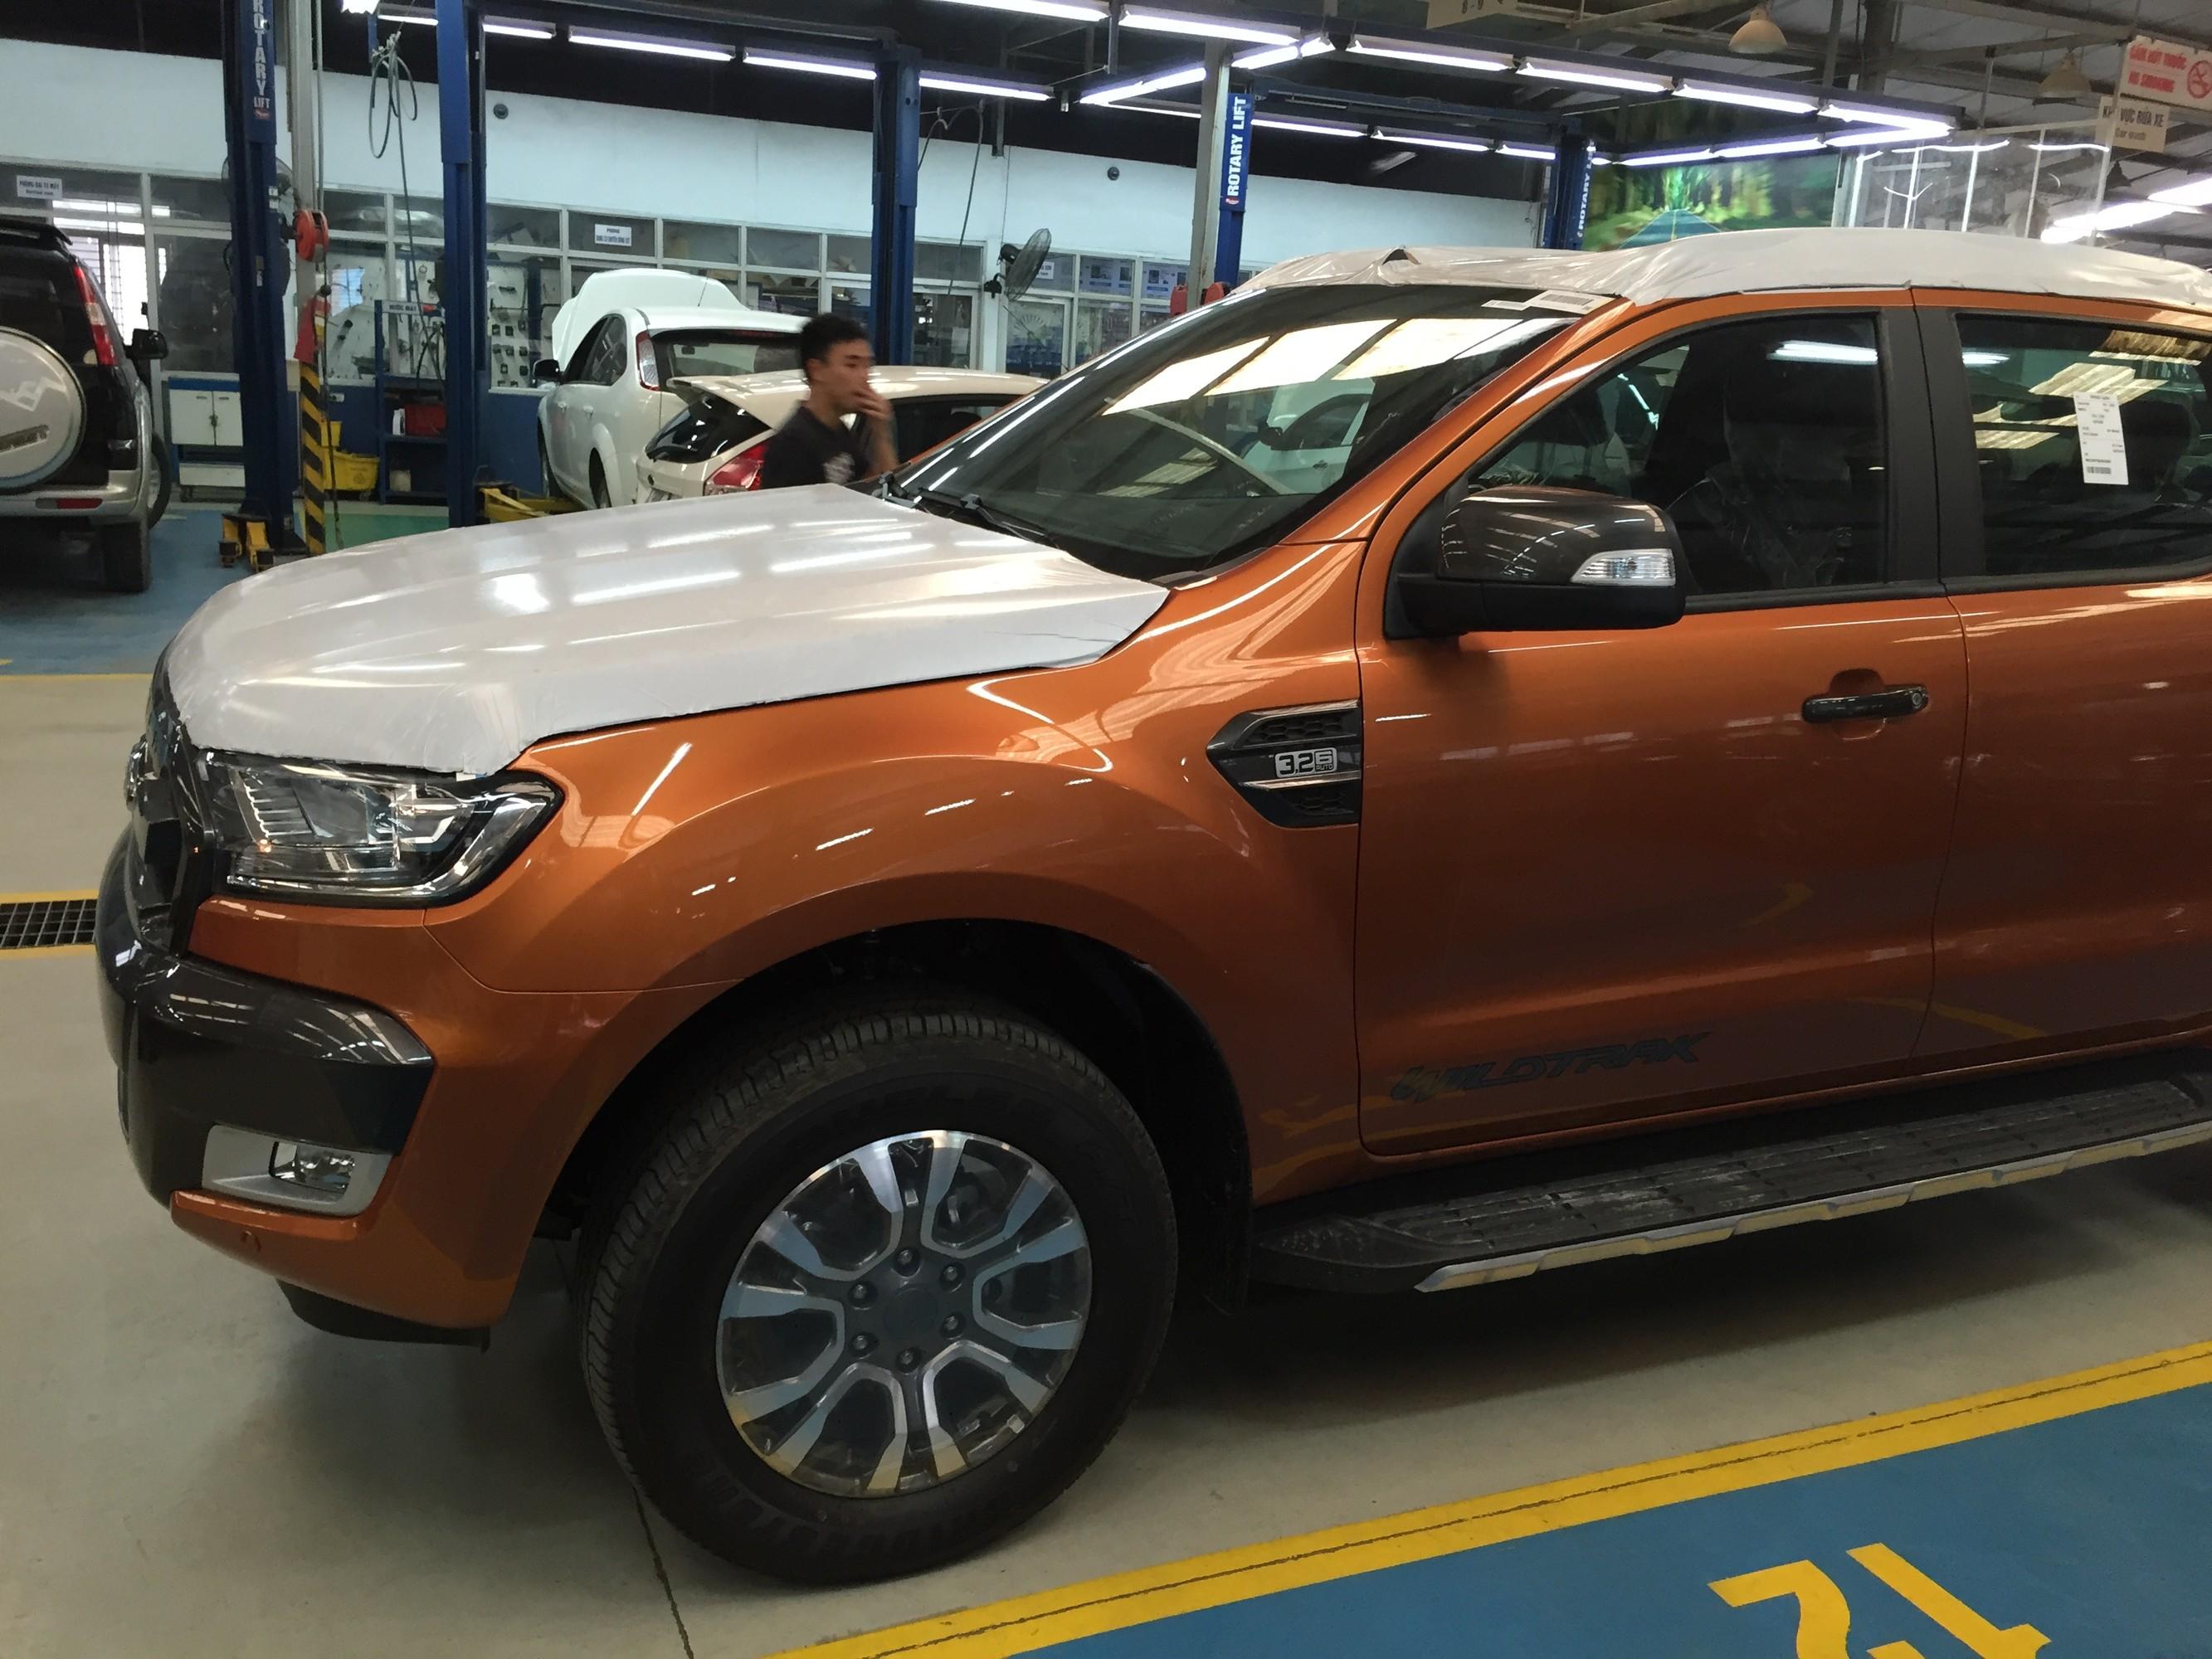 Ford Ranger 2017 giá tốt nhất Hà Nội, Ford Bán Tải, Ford Ranger, Ranger XLS, Ranger Wiltrak 3.2, Ranger XLT, Ranger XL . Ảnh số 37811880